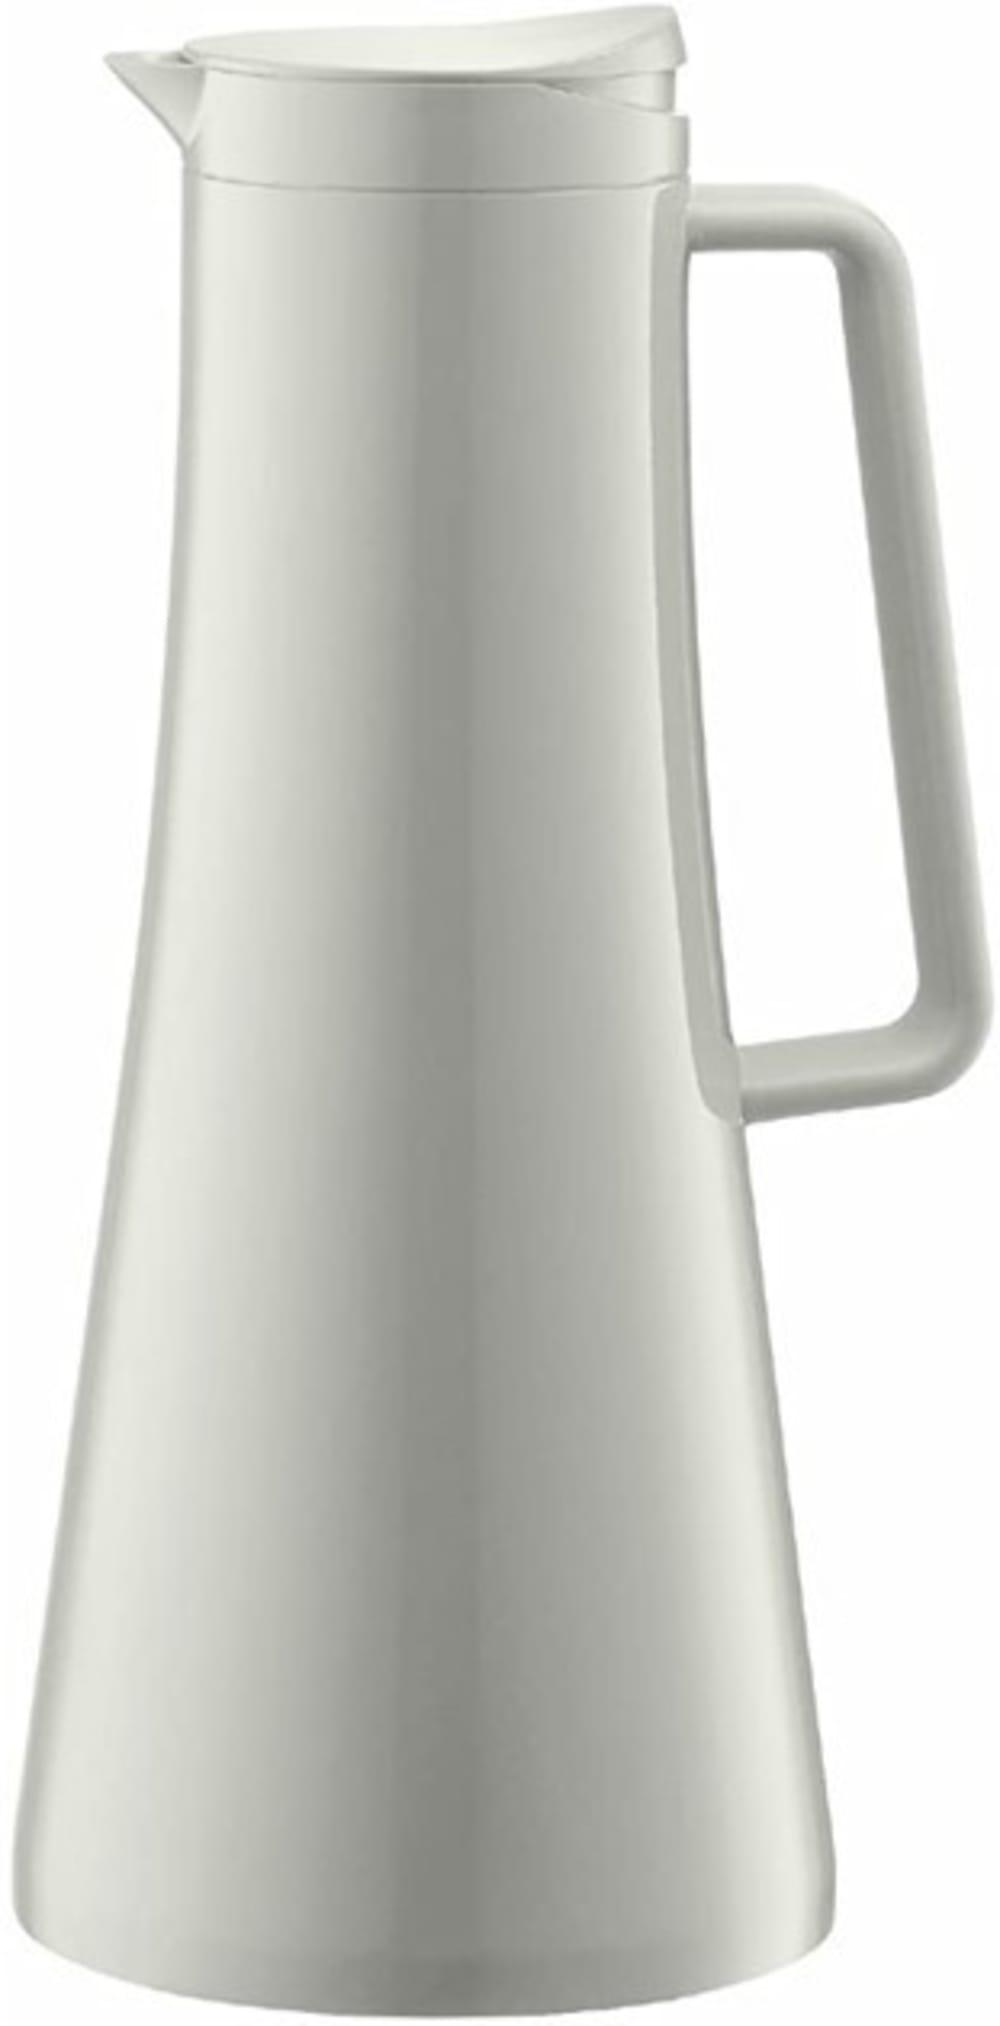 Dzbanek termiczny Bistro 1.1 l